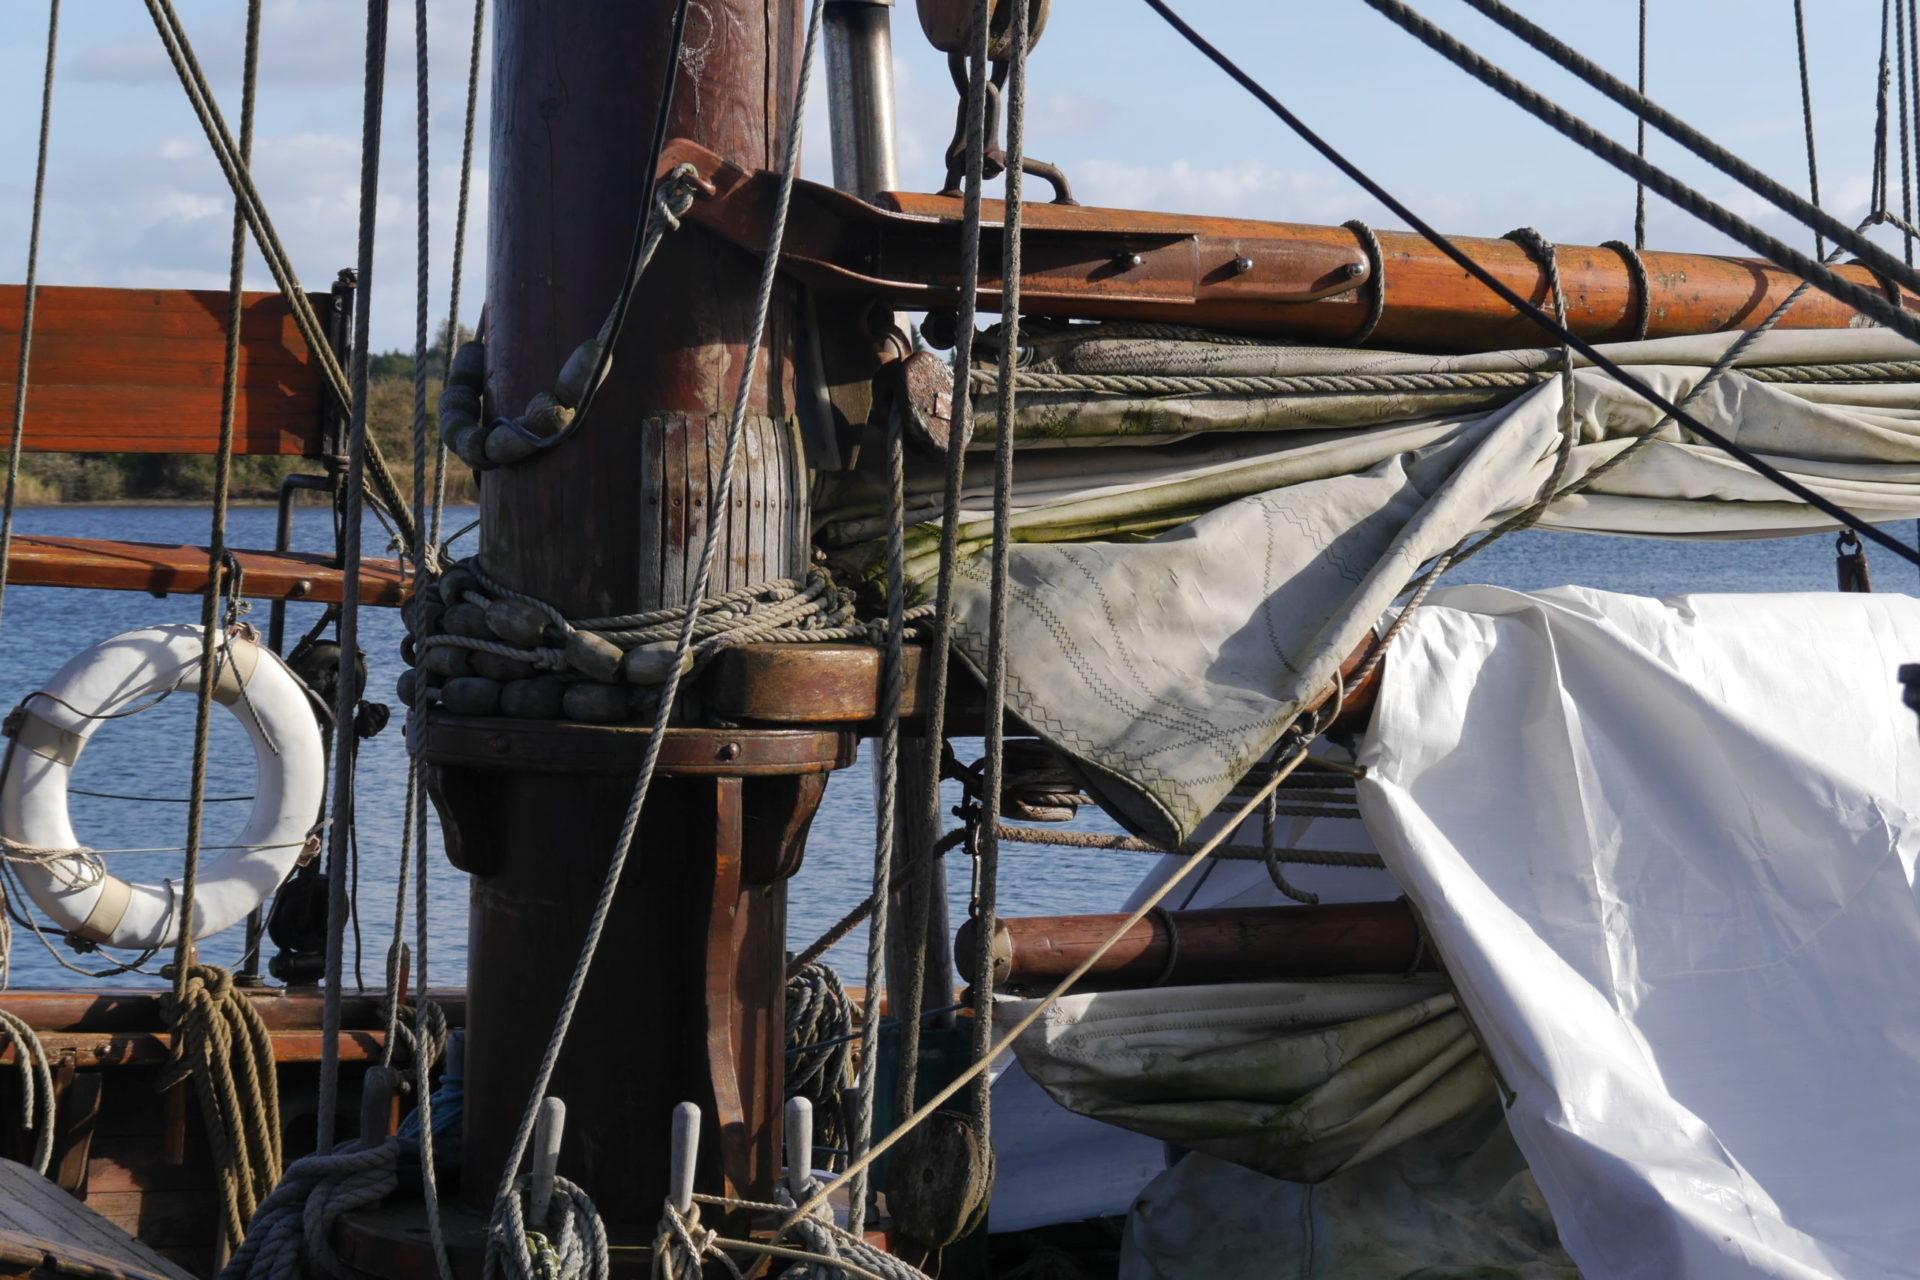 La Schlei et sa guerre des poissons |  Entre Kappeln et Arnis